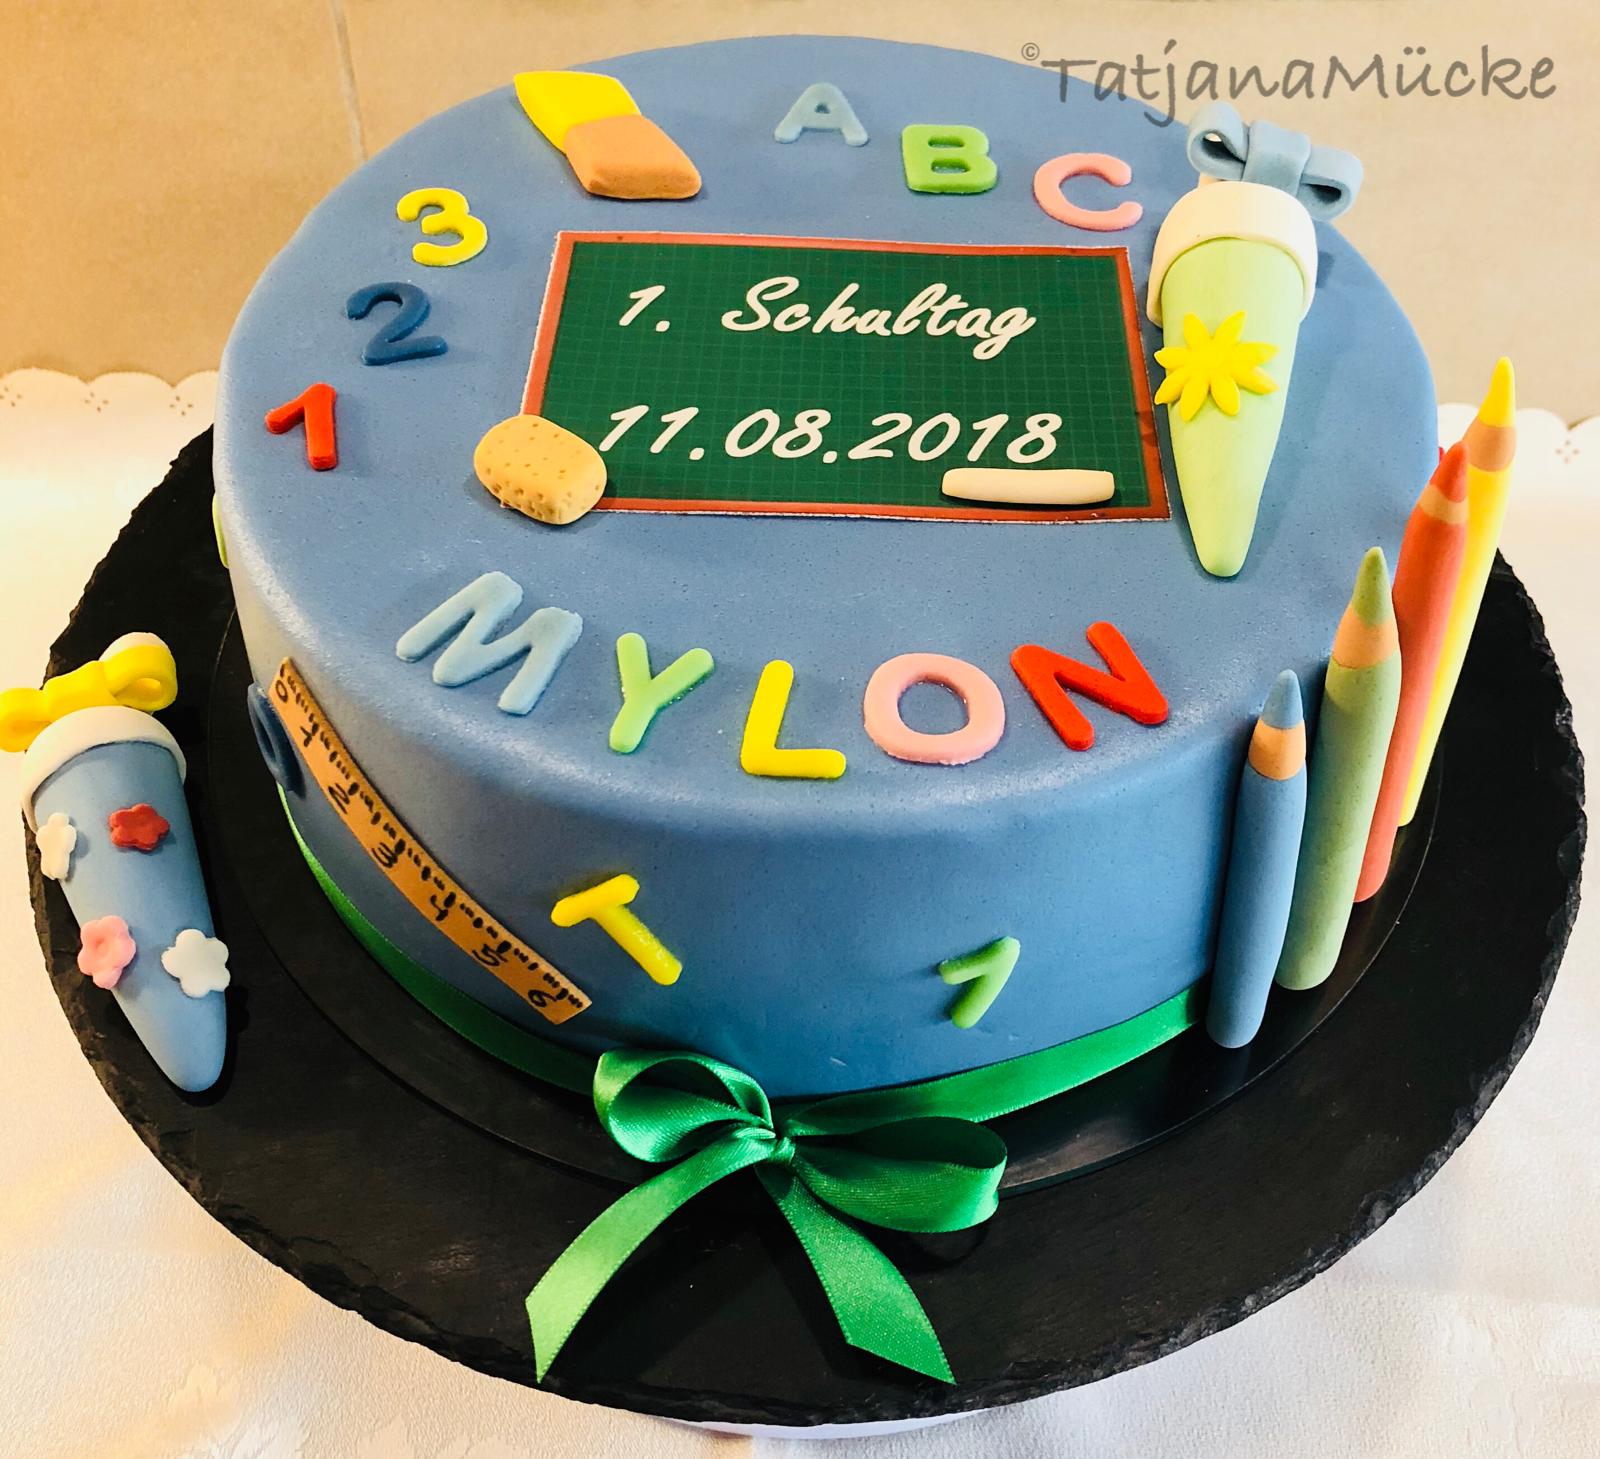 Einschulung Motivtorte Junge Blau Stifte Tafel Abc 123 In 2020 Torte Einschulung Kuchen Einschulung Motivtorte